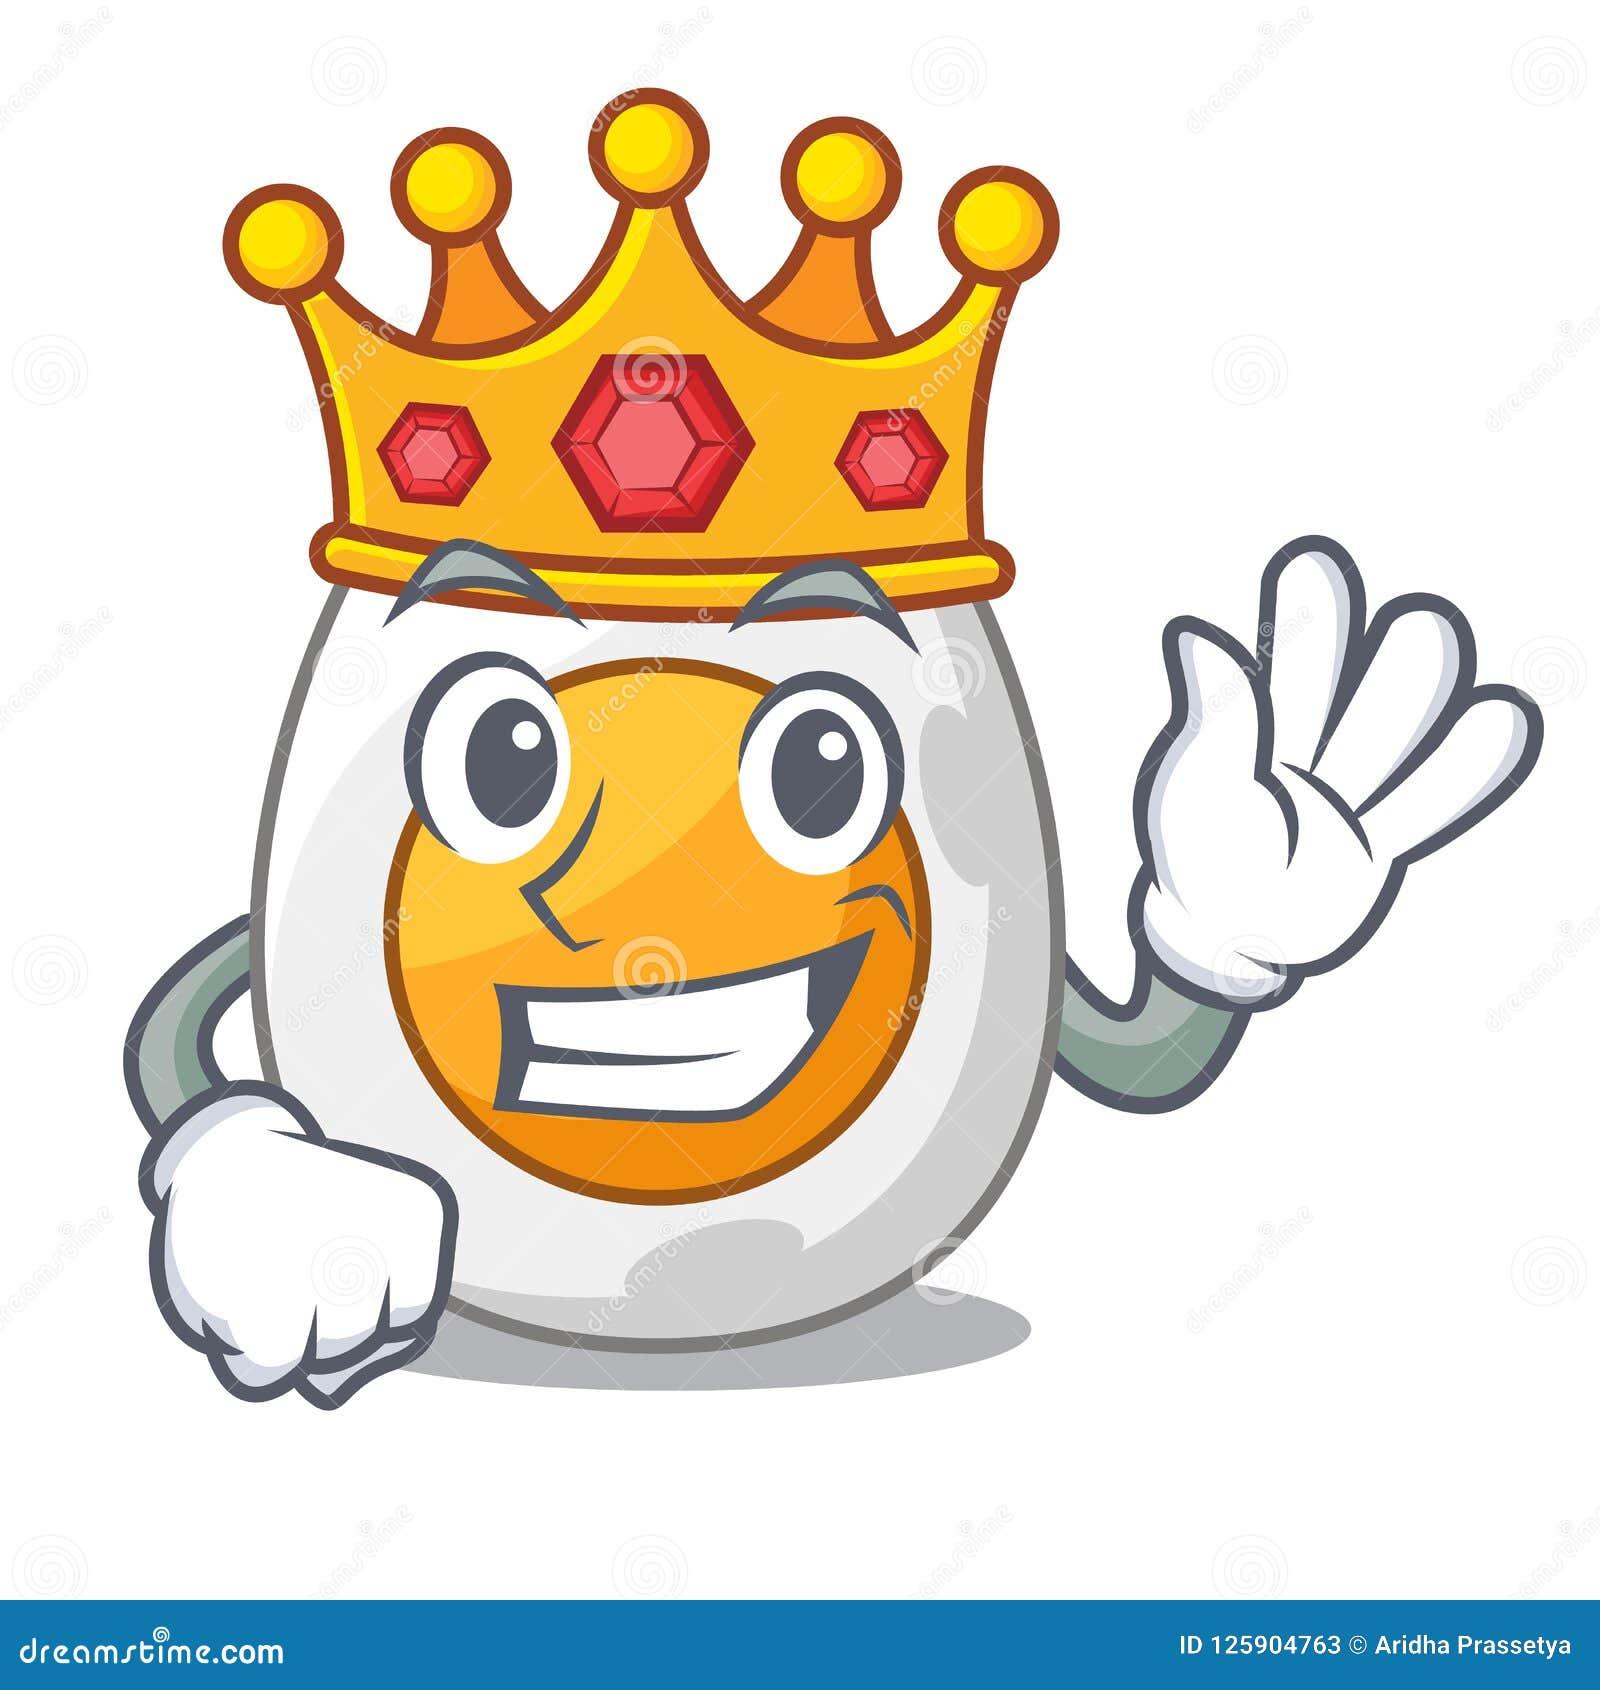 De roi oeuf à la coque fraîchement d isolement sur la bande dessinée de mascotte